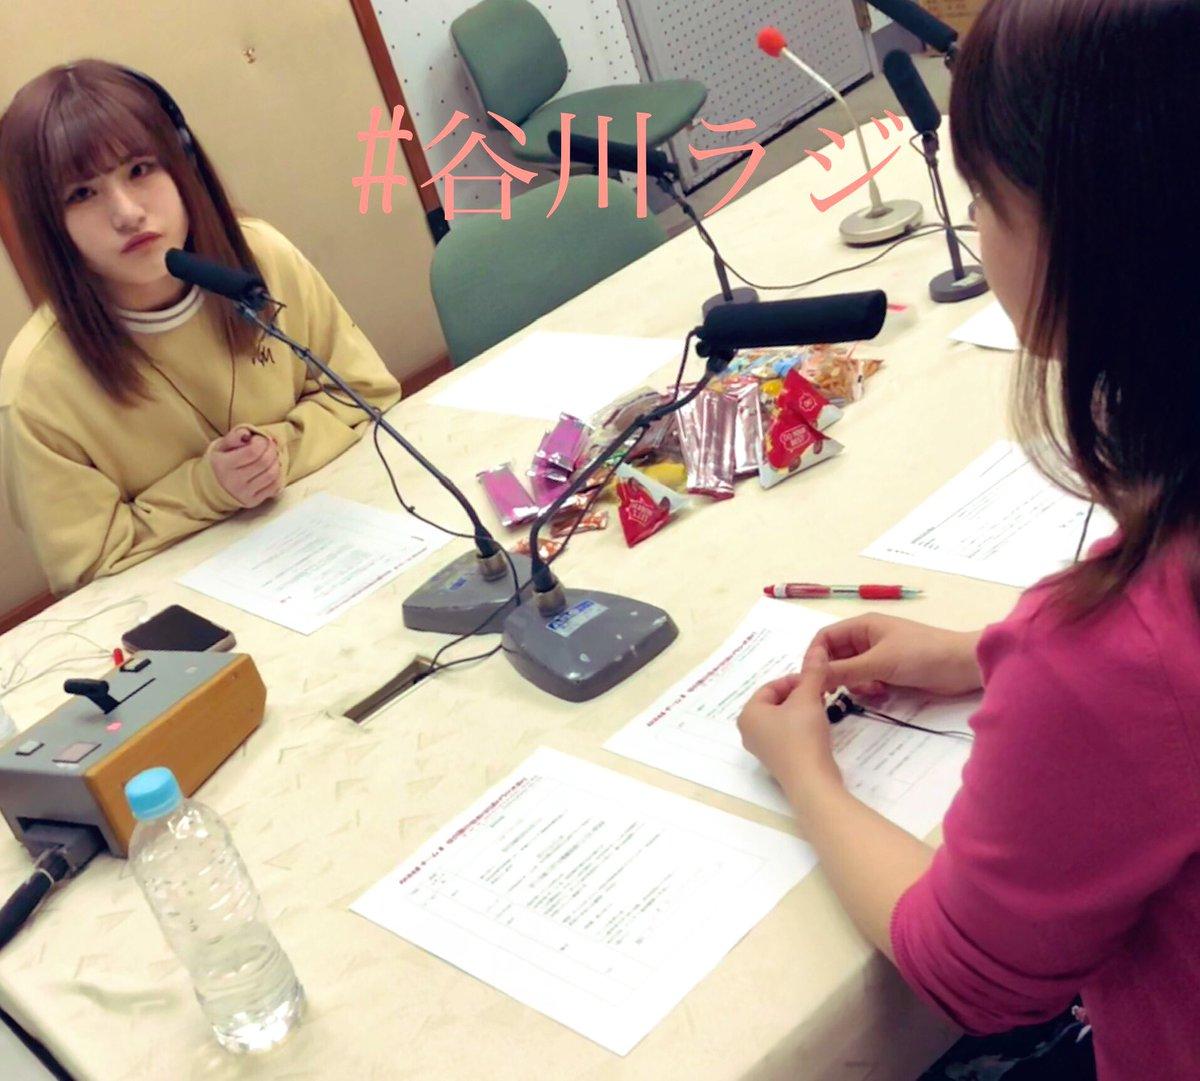 【速報】AKB48 谷川聖が卒業発表